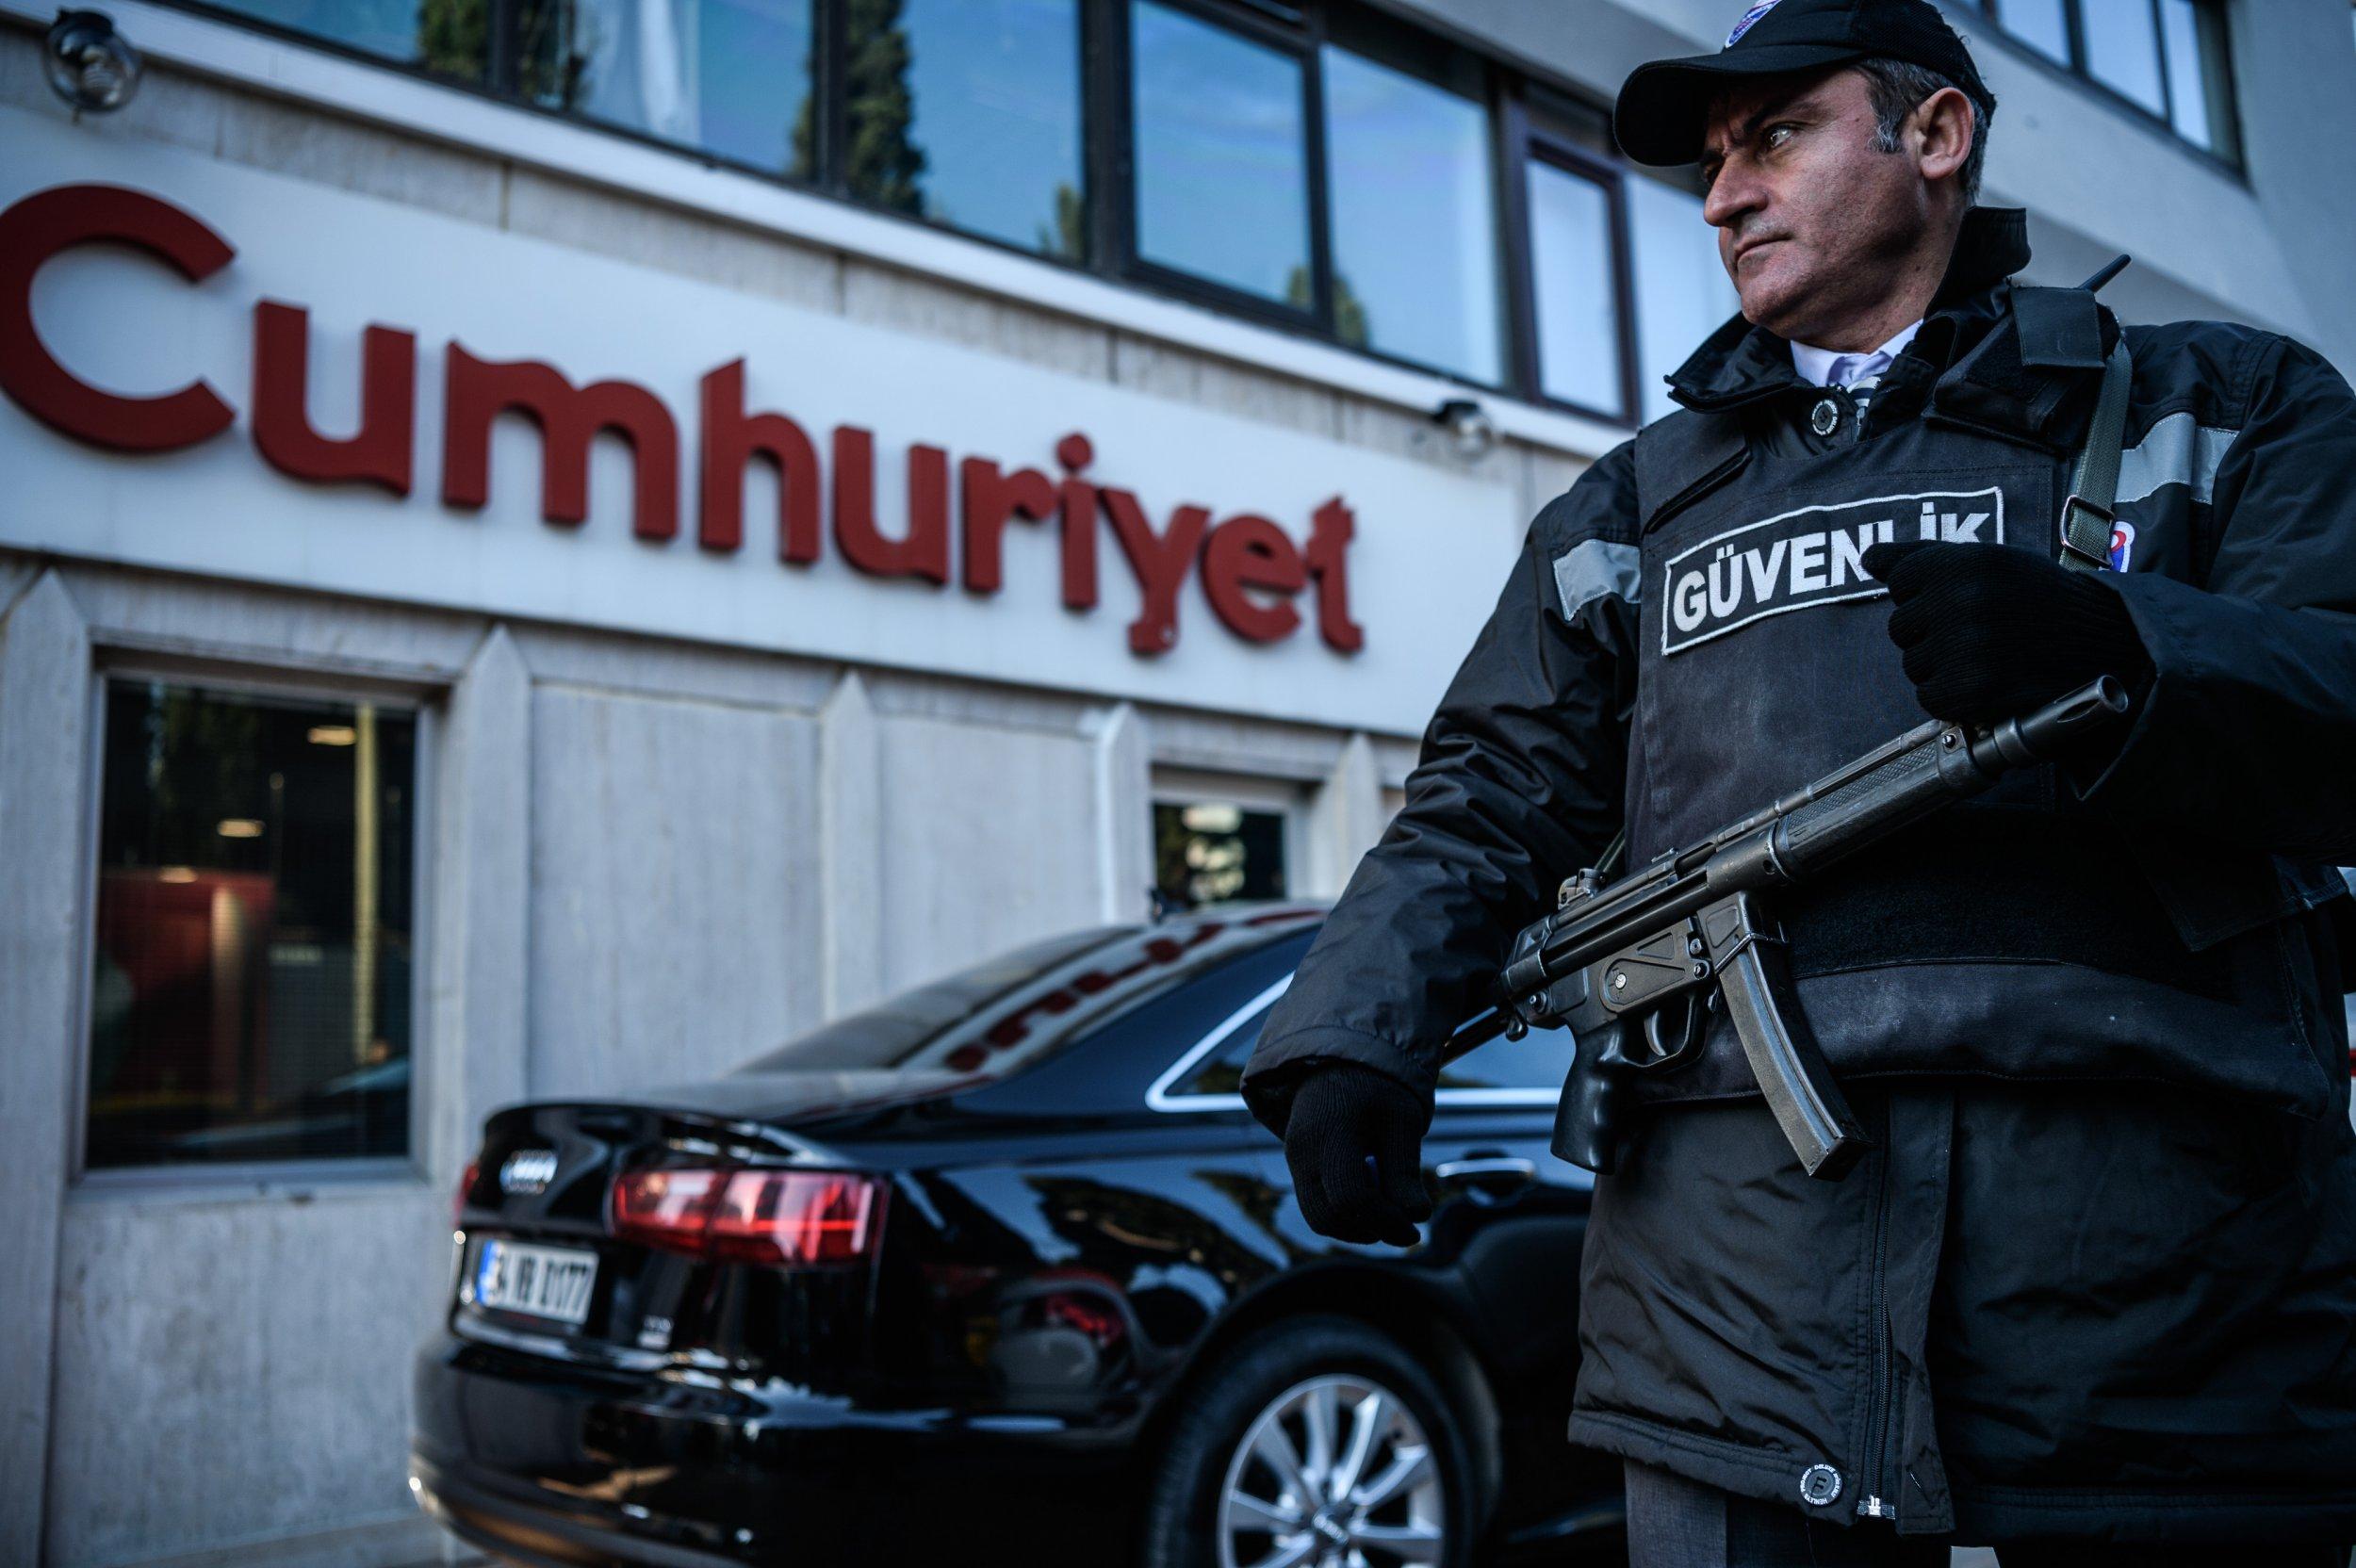 Turkey's Cumhuriyet